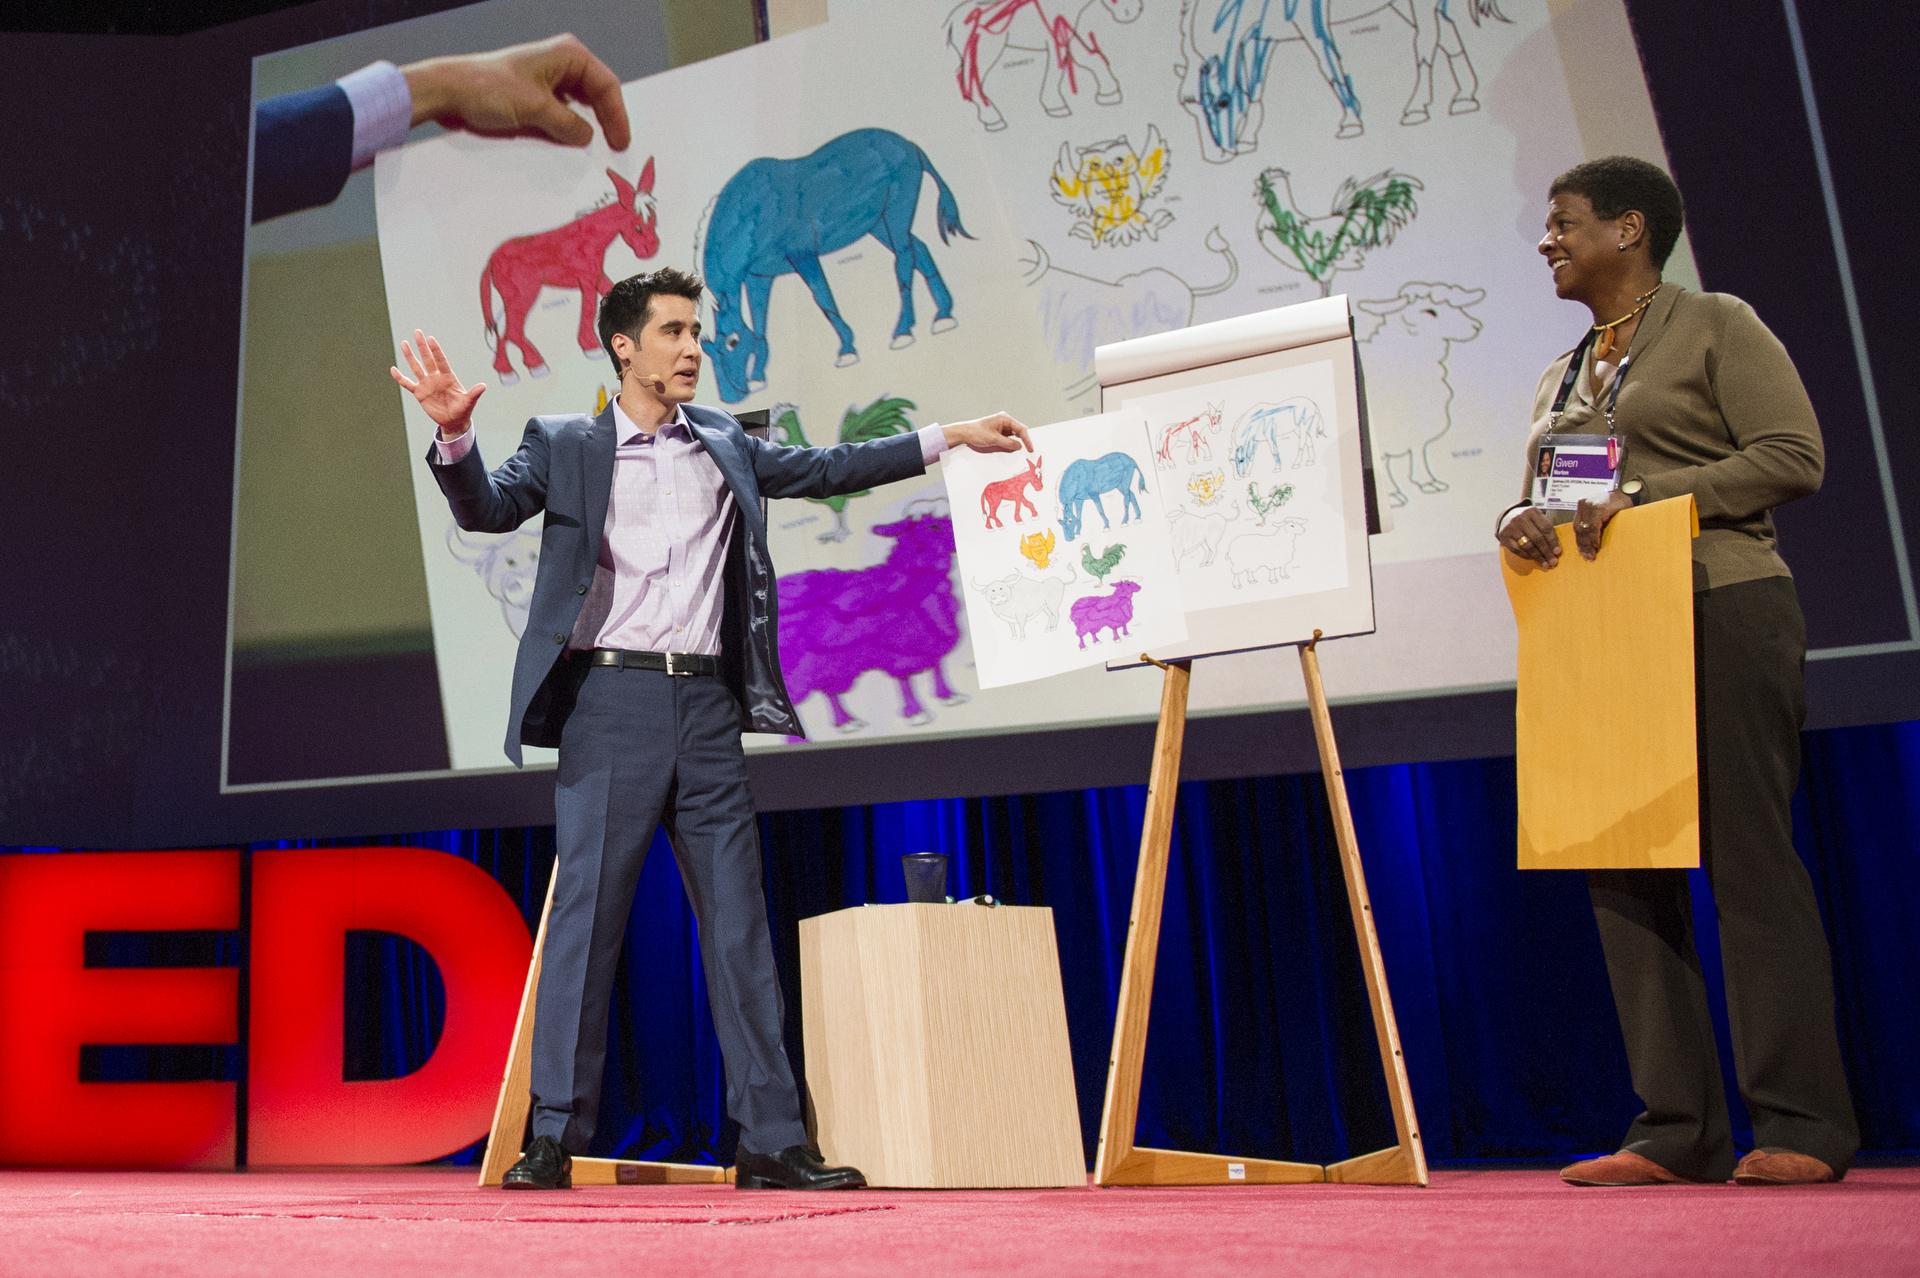 TED2014_DD_DSC_3190_1920